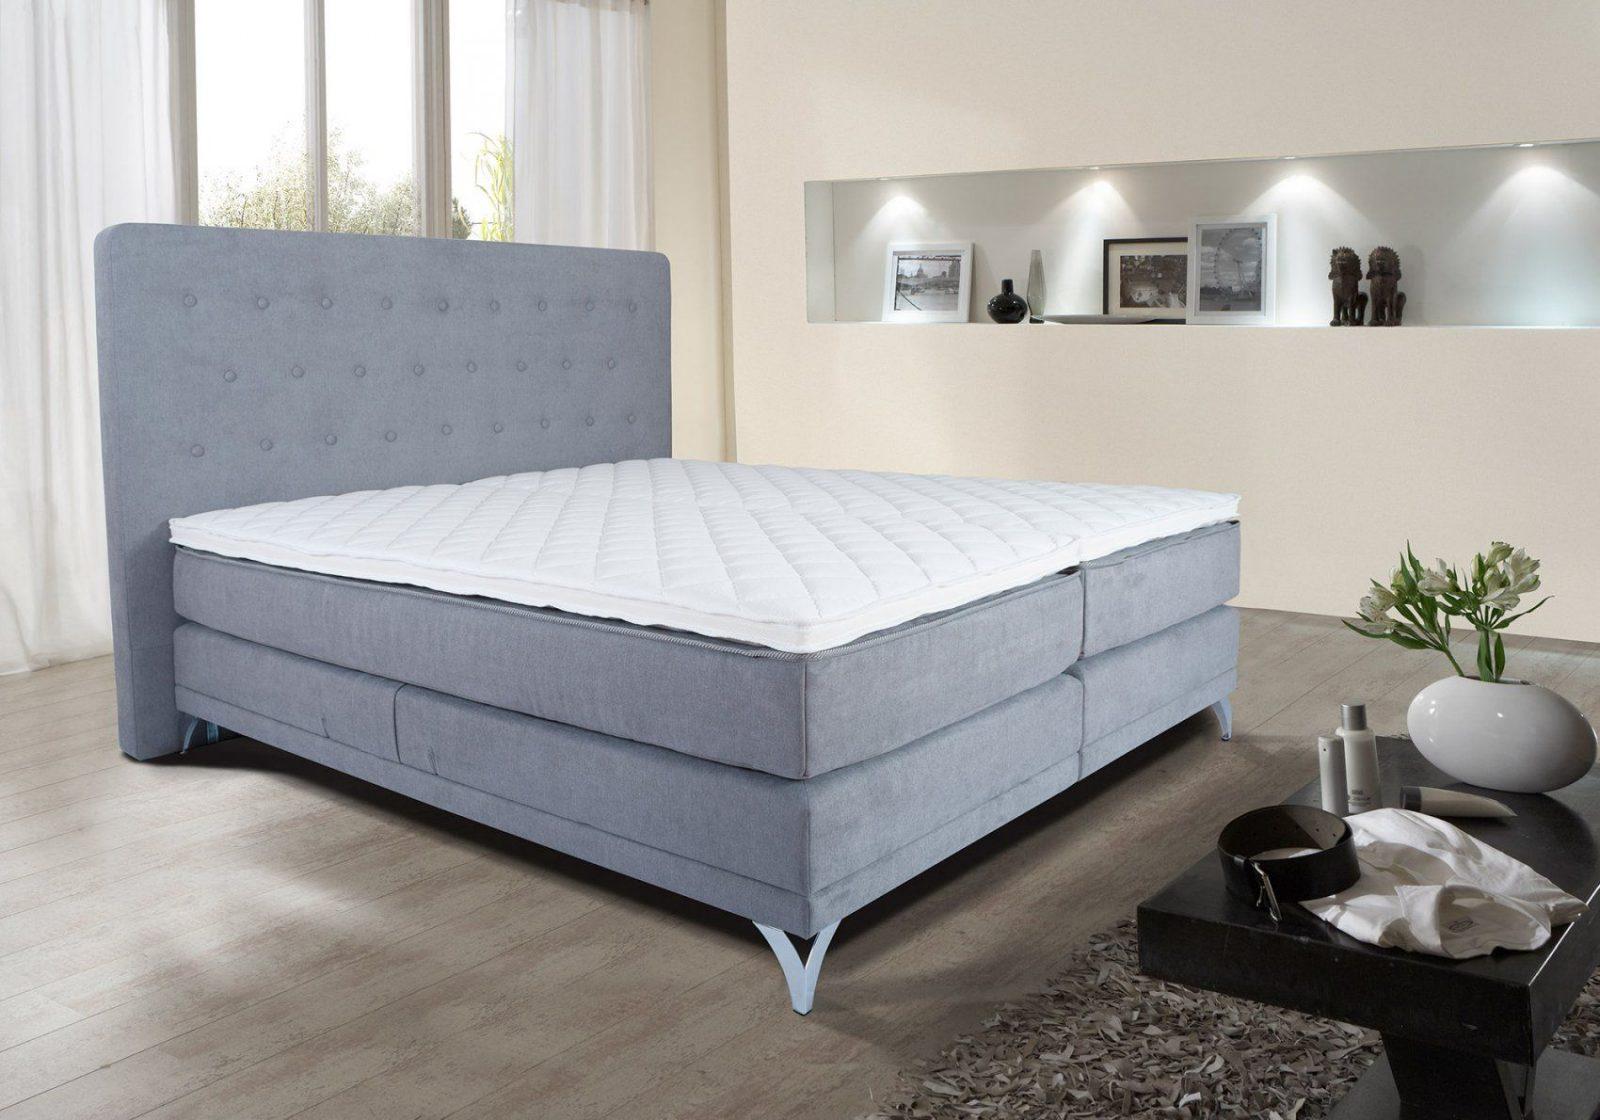 Box Spring Betten Con Fentissimo Boxspringbetten Betten Kraft Und von Boxspringbetten Qvc Hersteller Photo